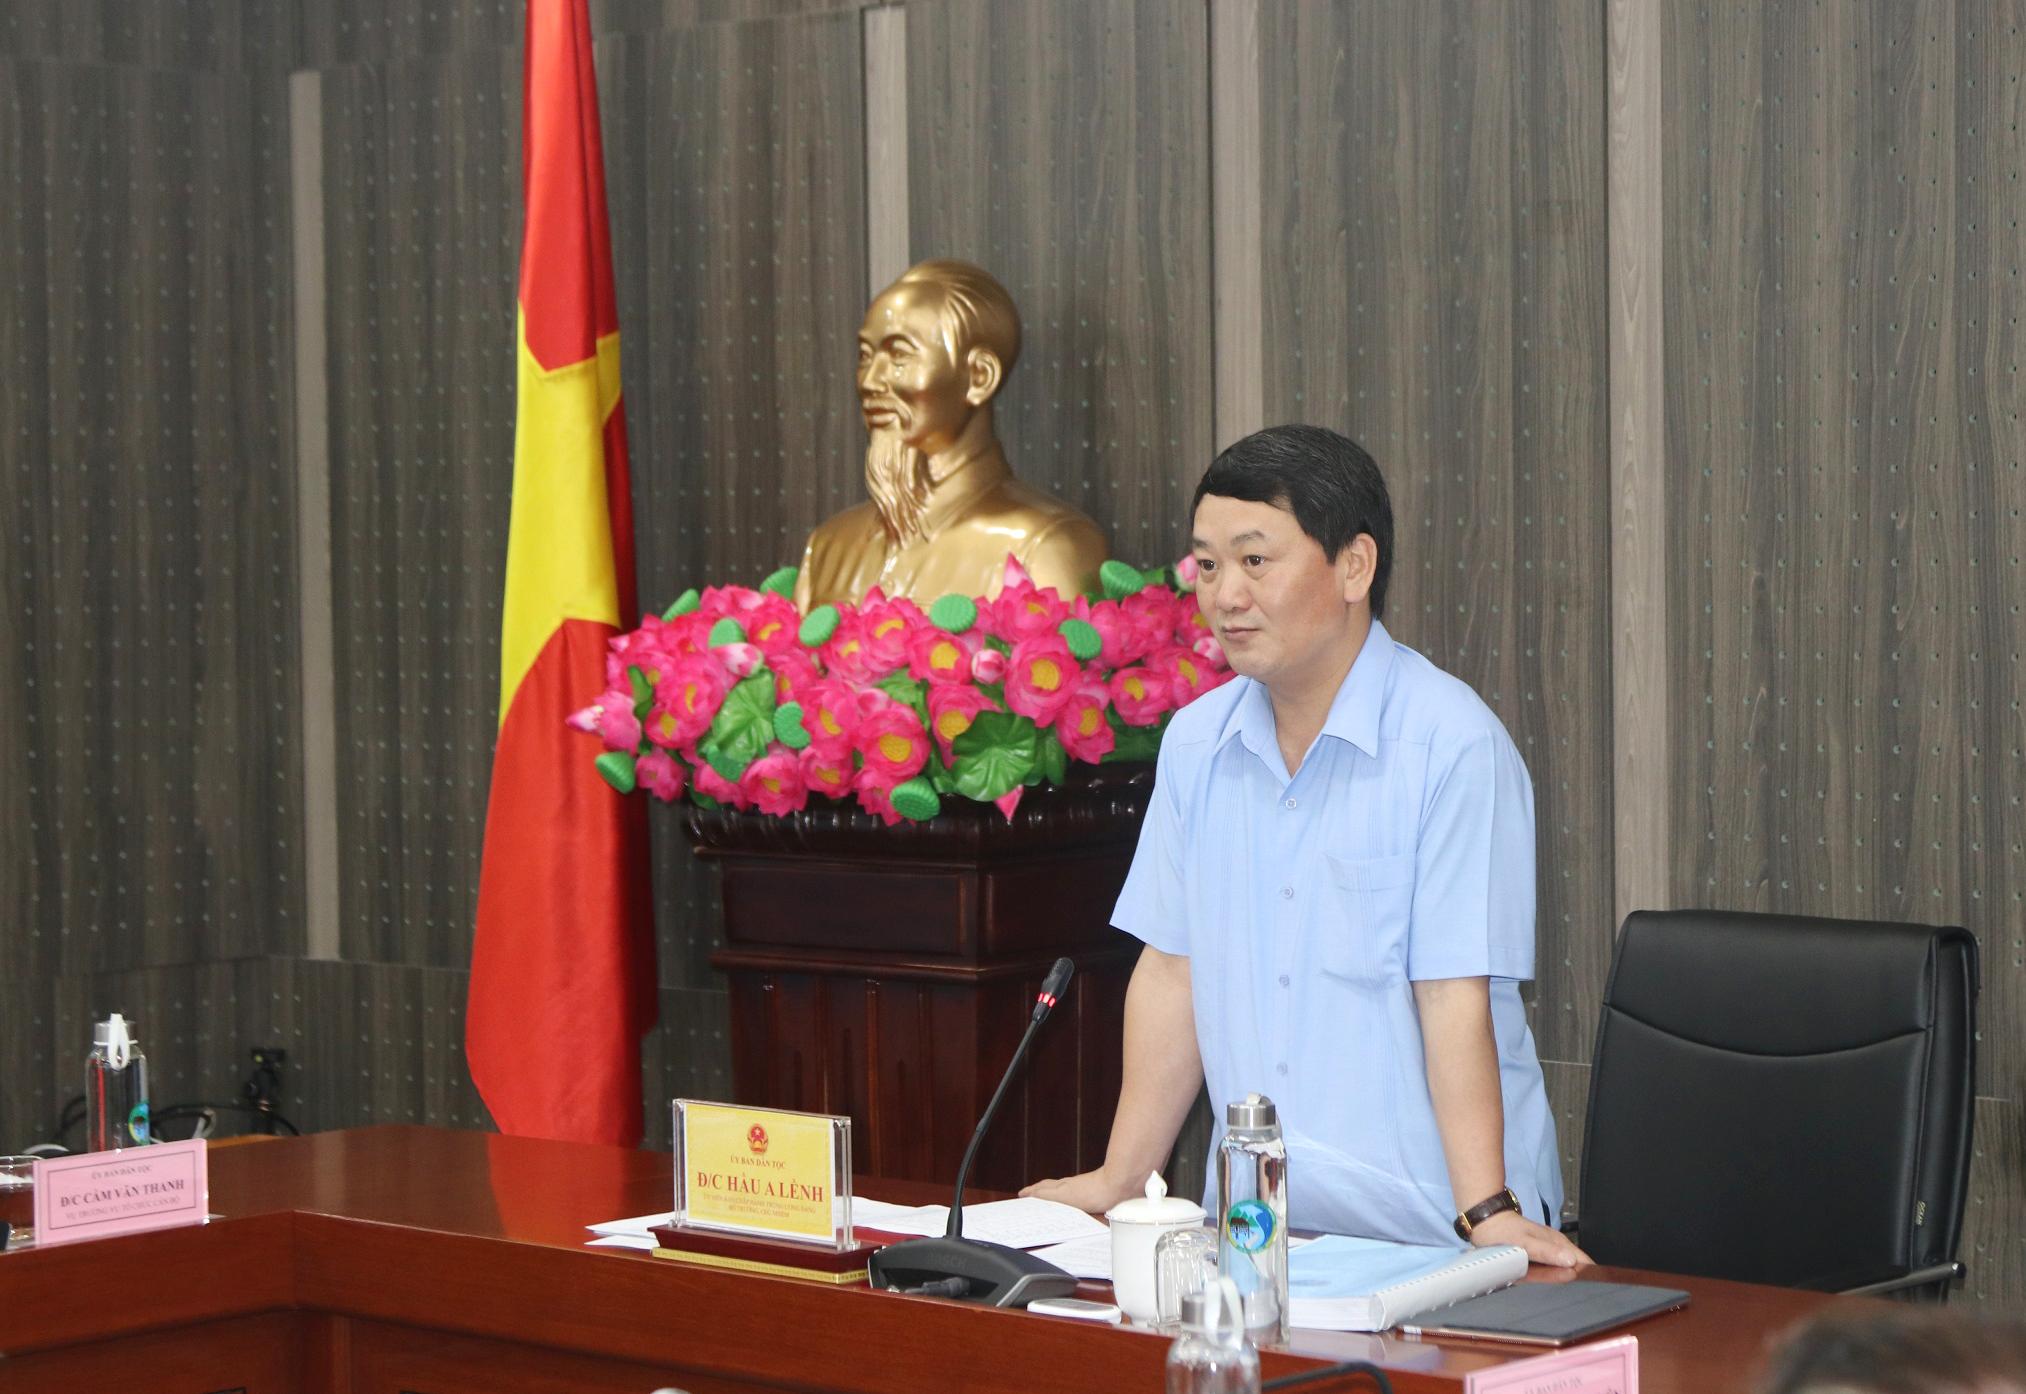 Bộ trưởng, Chủ nhiệm UBDT Hầu A Lềnh phát biểu tại buổi làm việc